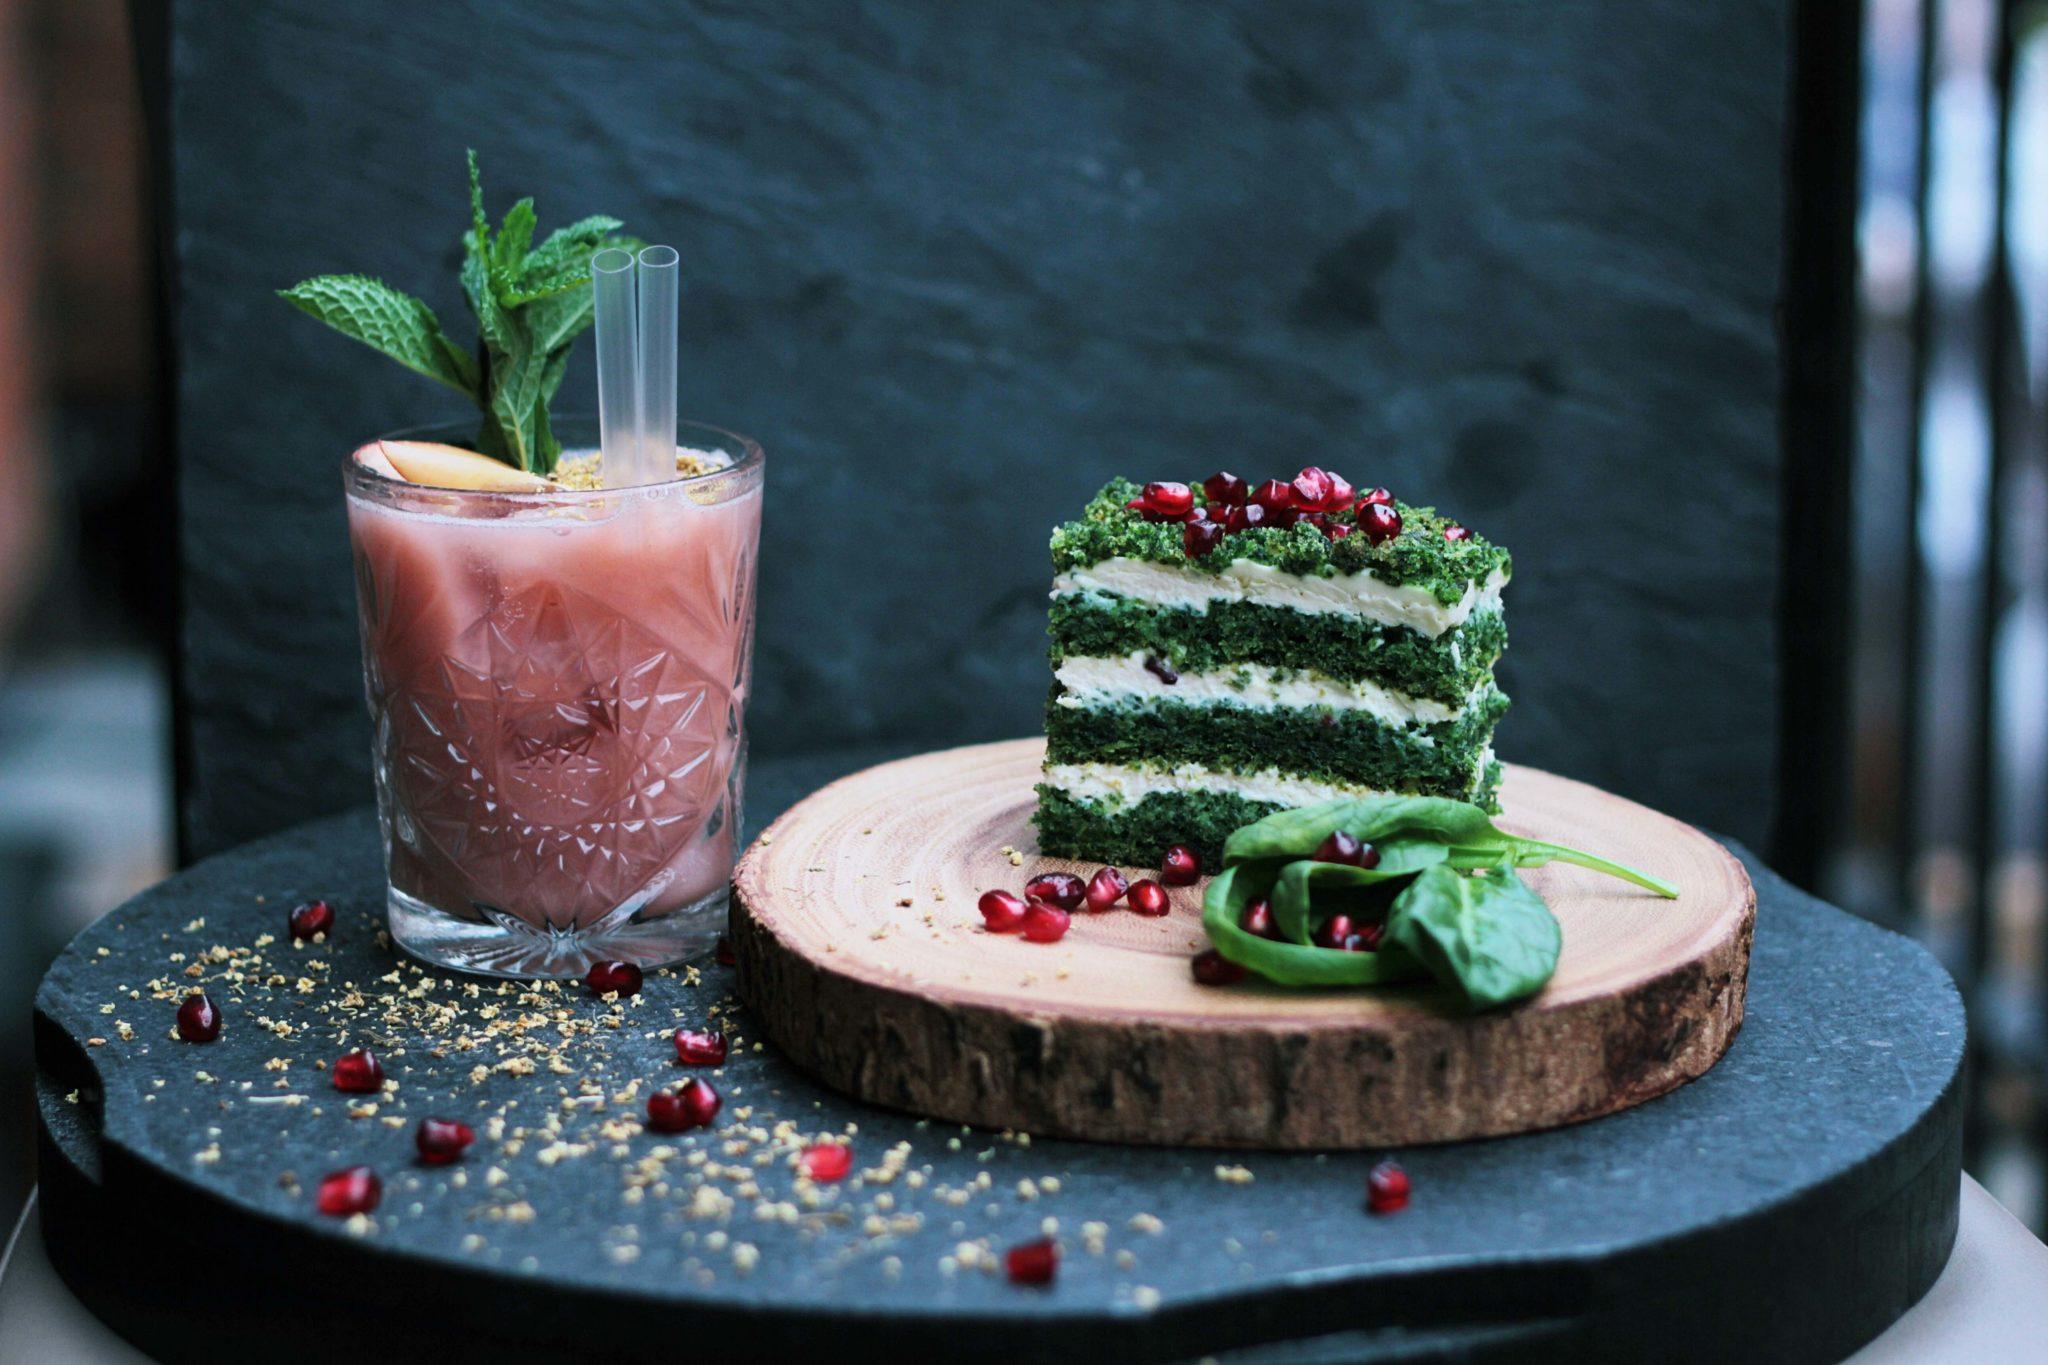 Bild: Rohkostkurs - köstliche Rohkostlasagne angerichtet mit Granatapfel und einem rosa Smoothie.